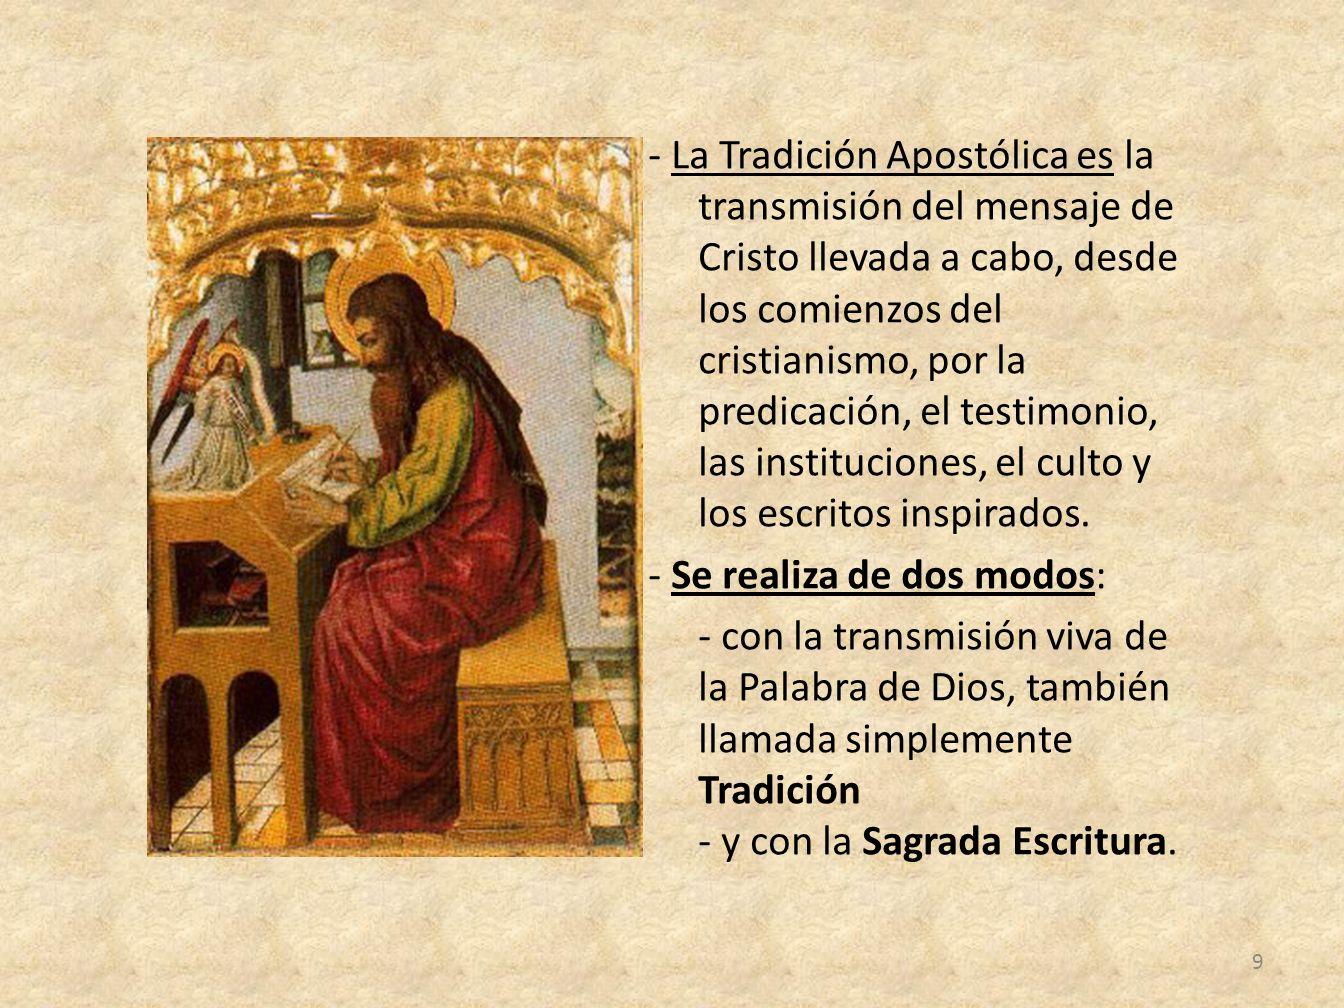 - La Tradición Apostólica es la transmisión del mensaje de Cristo llevada a cabo, desde los comienzos del cristianismo, por la predicación, el testimonio, las instituciones, el culto y los escritos inspirados.